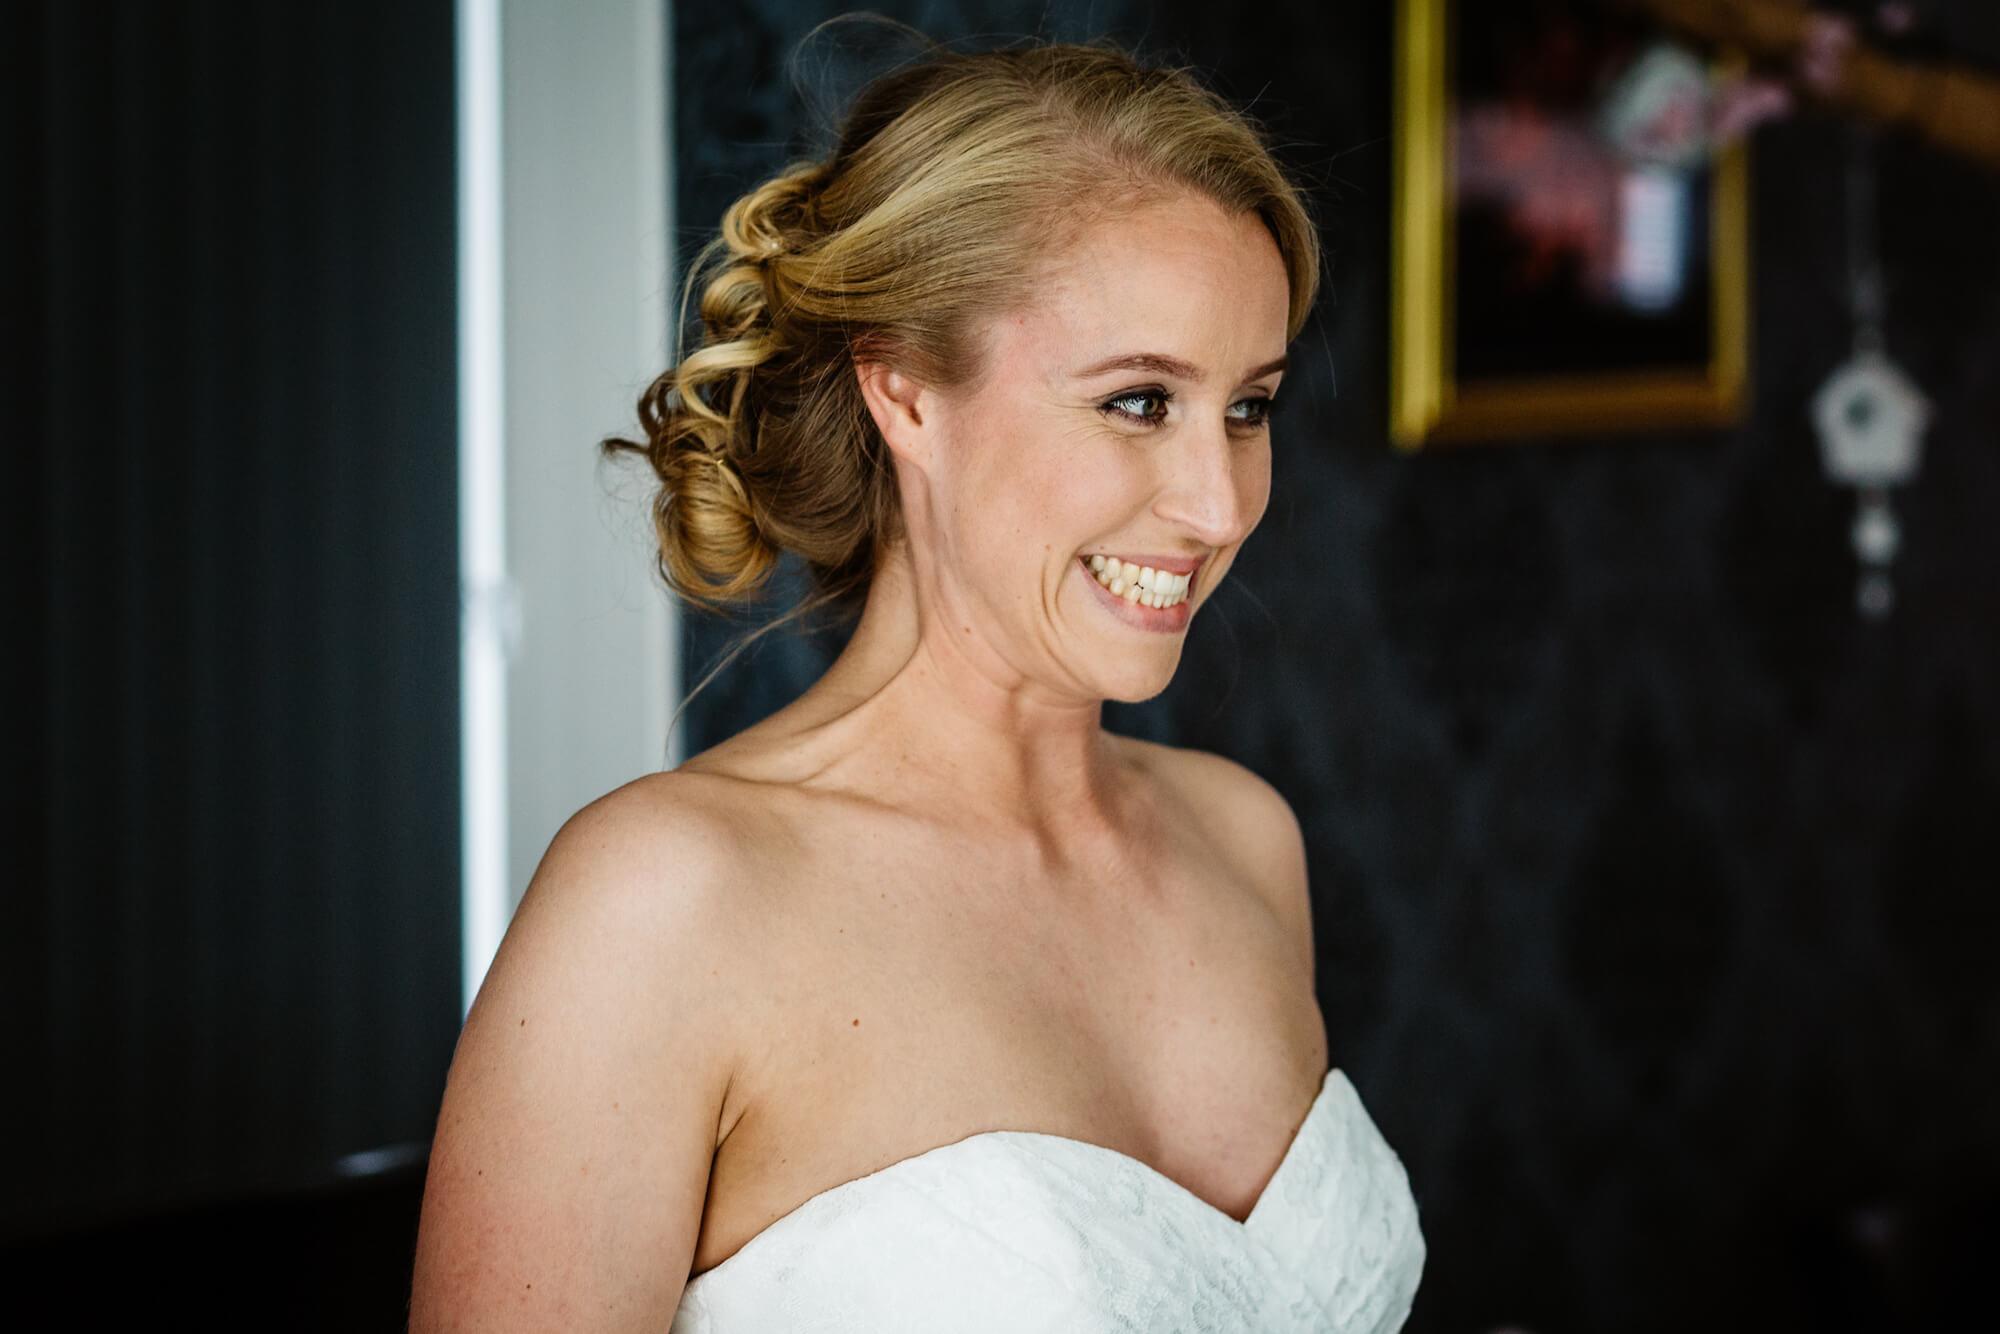 griekse-bruiloft-trouwfotograaf-utrecht-3.jpg